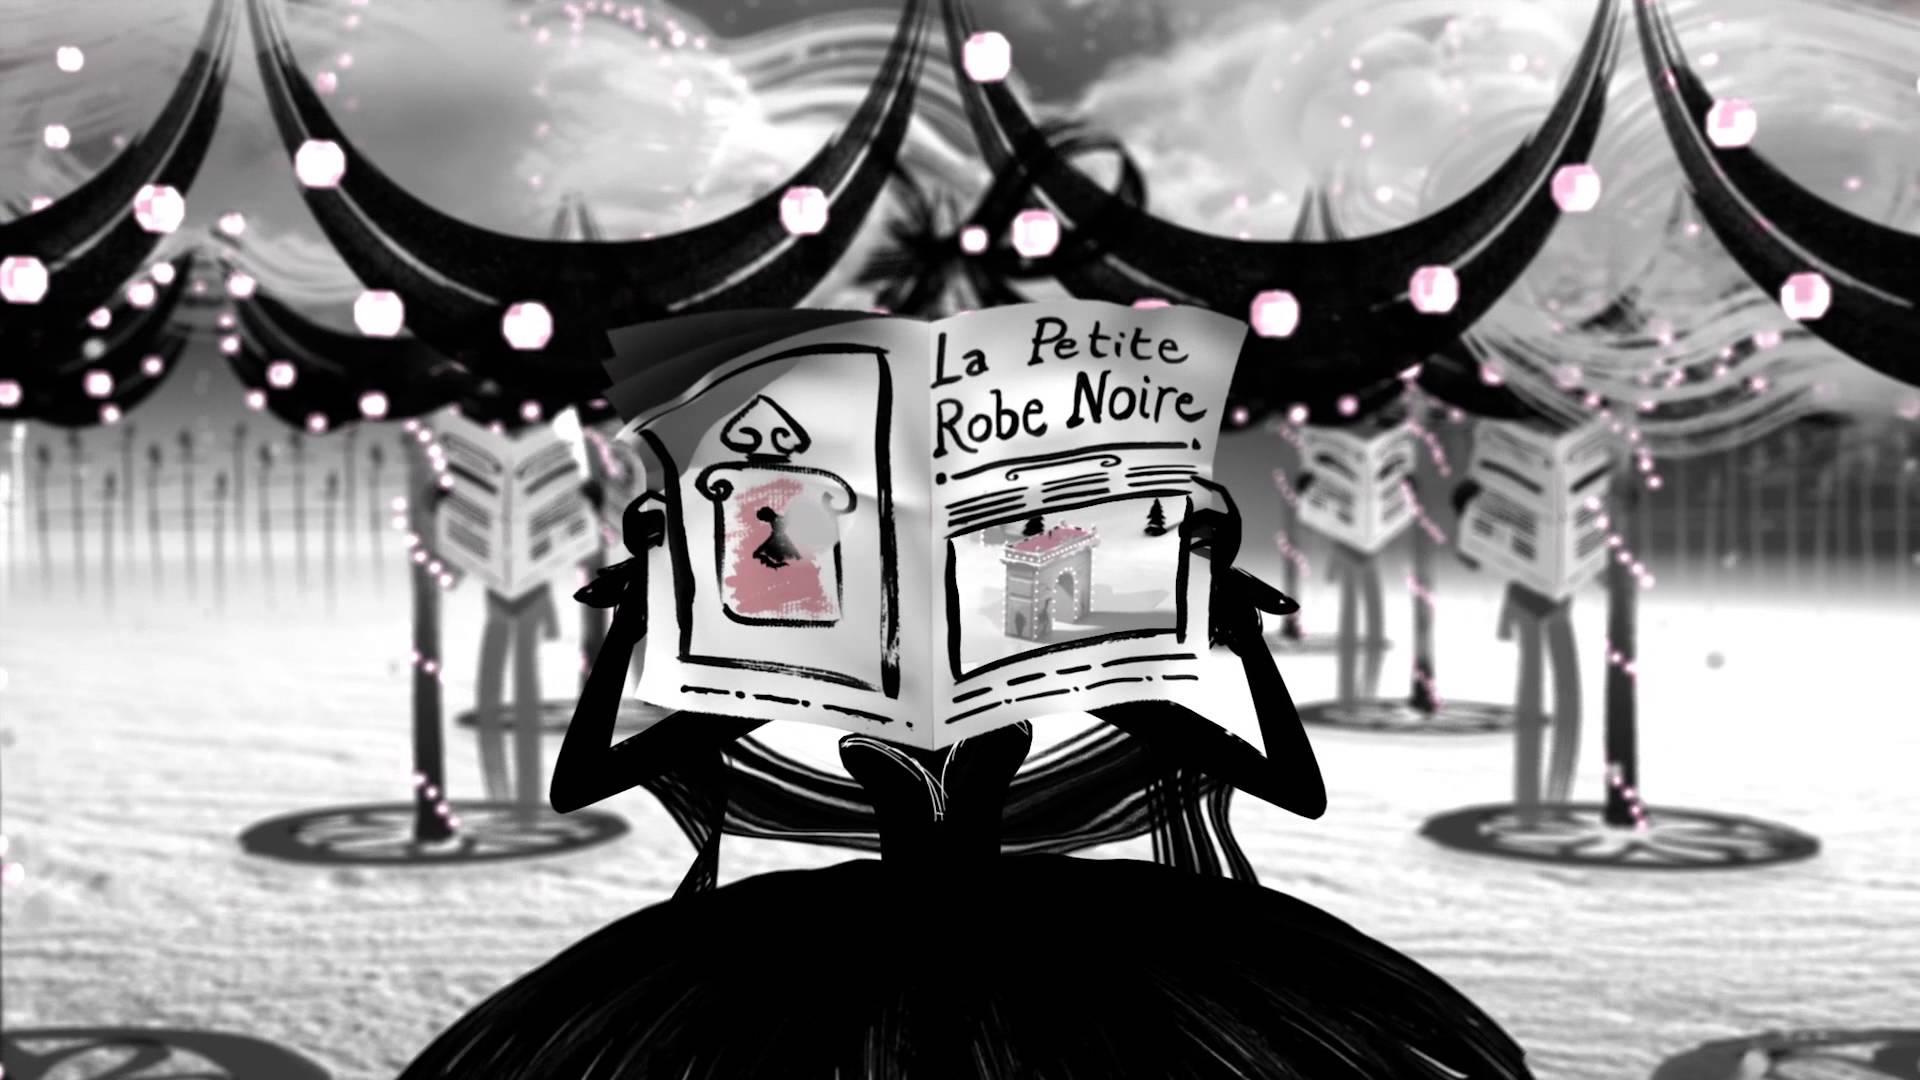 La petite robe noire 3.jpg